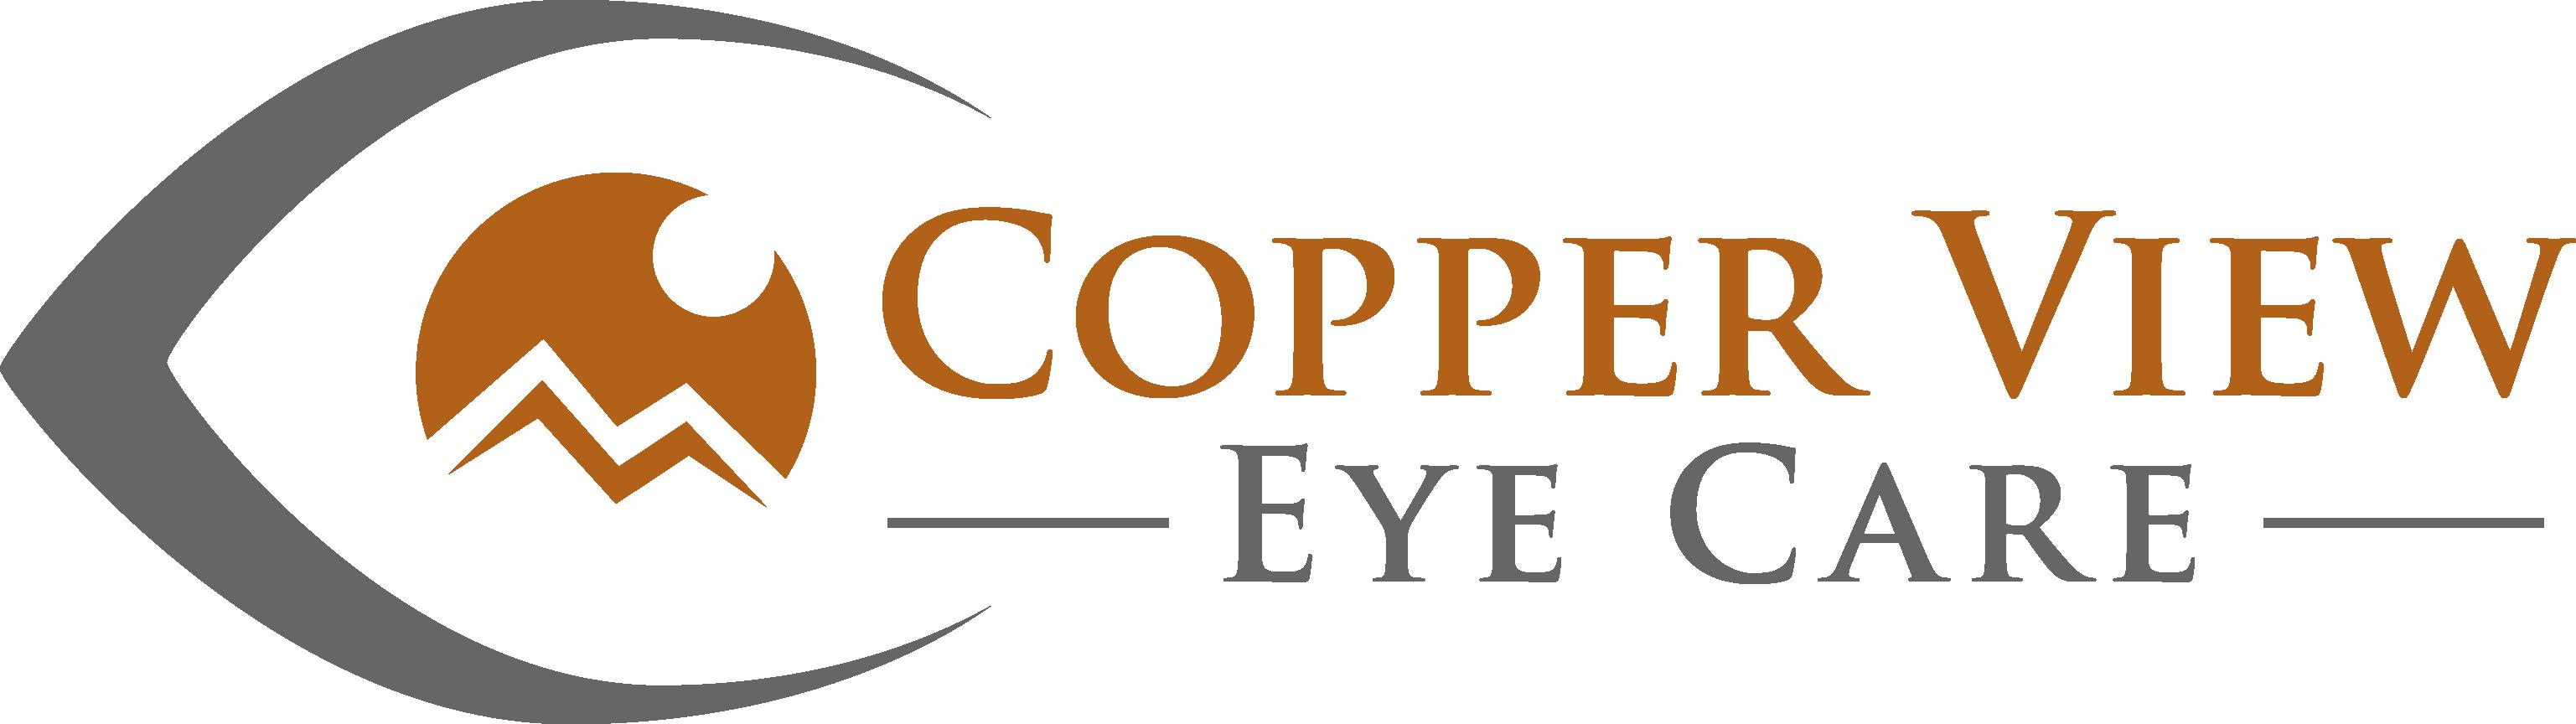 Copper View Eye Care Logo